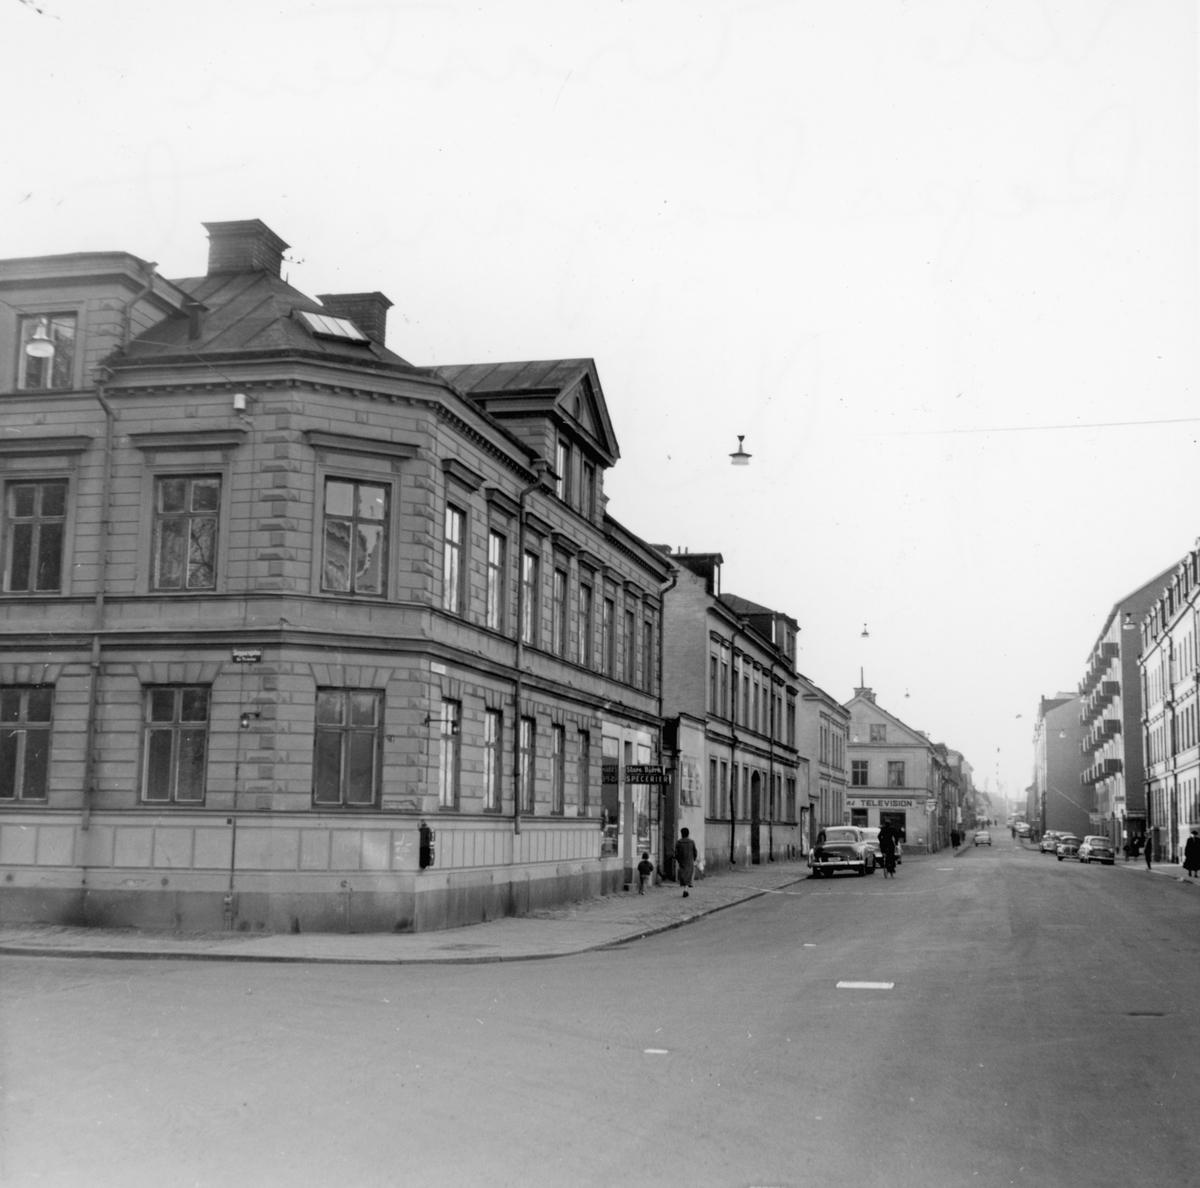 Parti av Norrköping. Repslagargatan västerut från korsningen med Skepparegatan. Till vänster ses bebyggelse inom kvarteret Trasten. Bilden tagen i samband med rivningsansökan 1960.